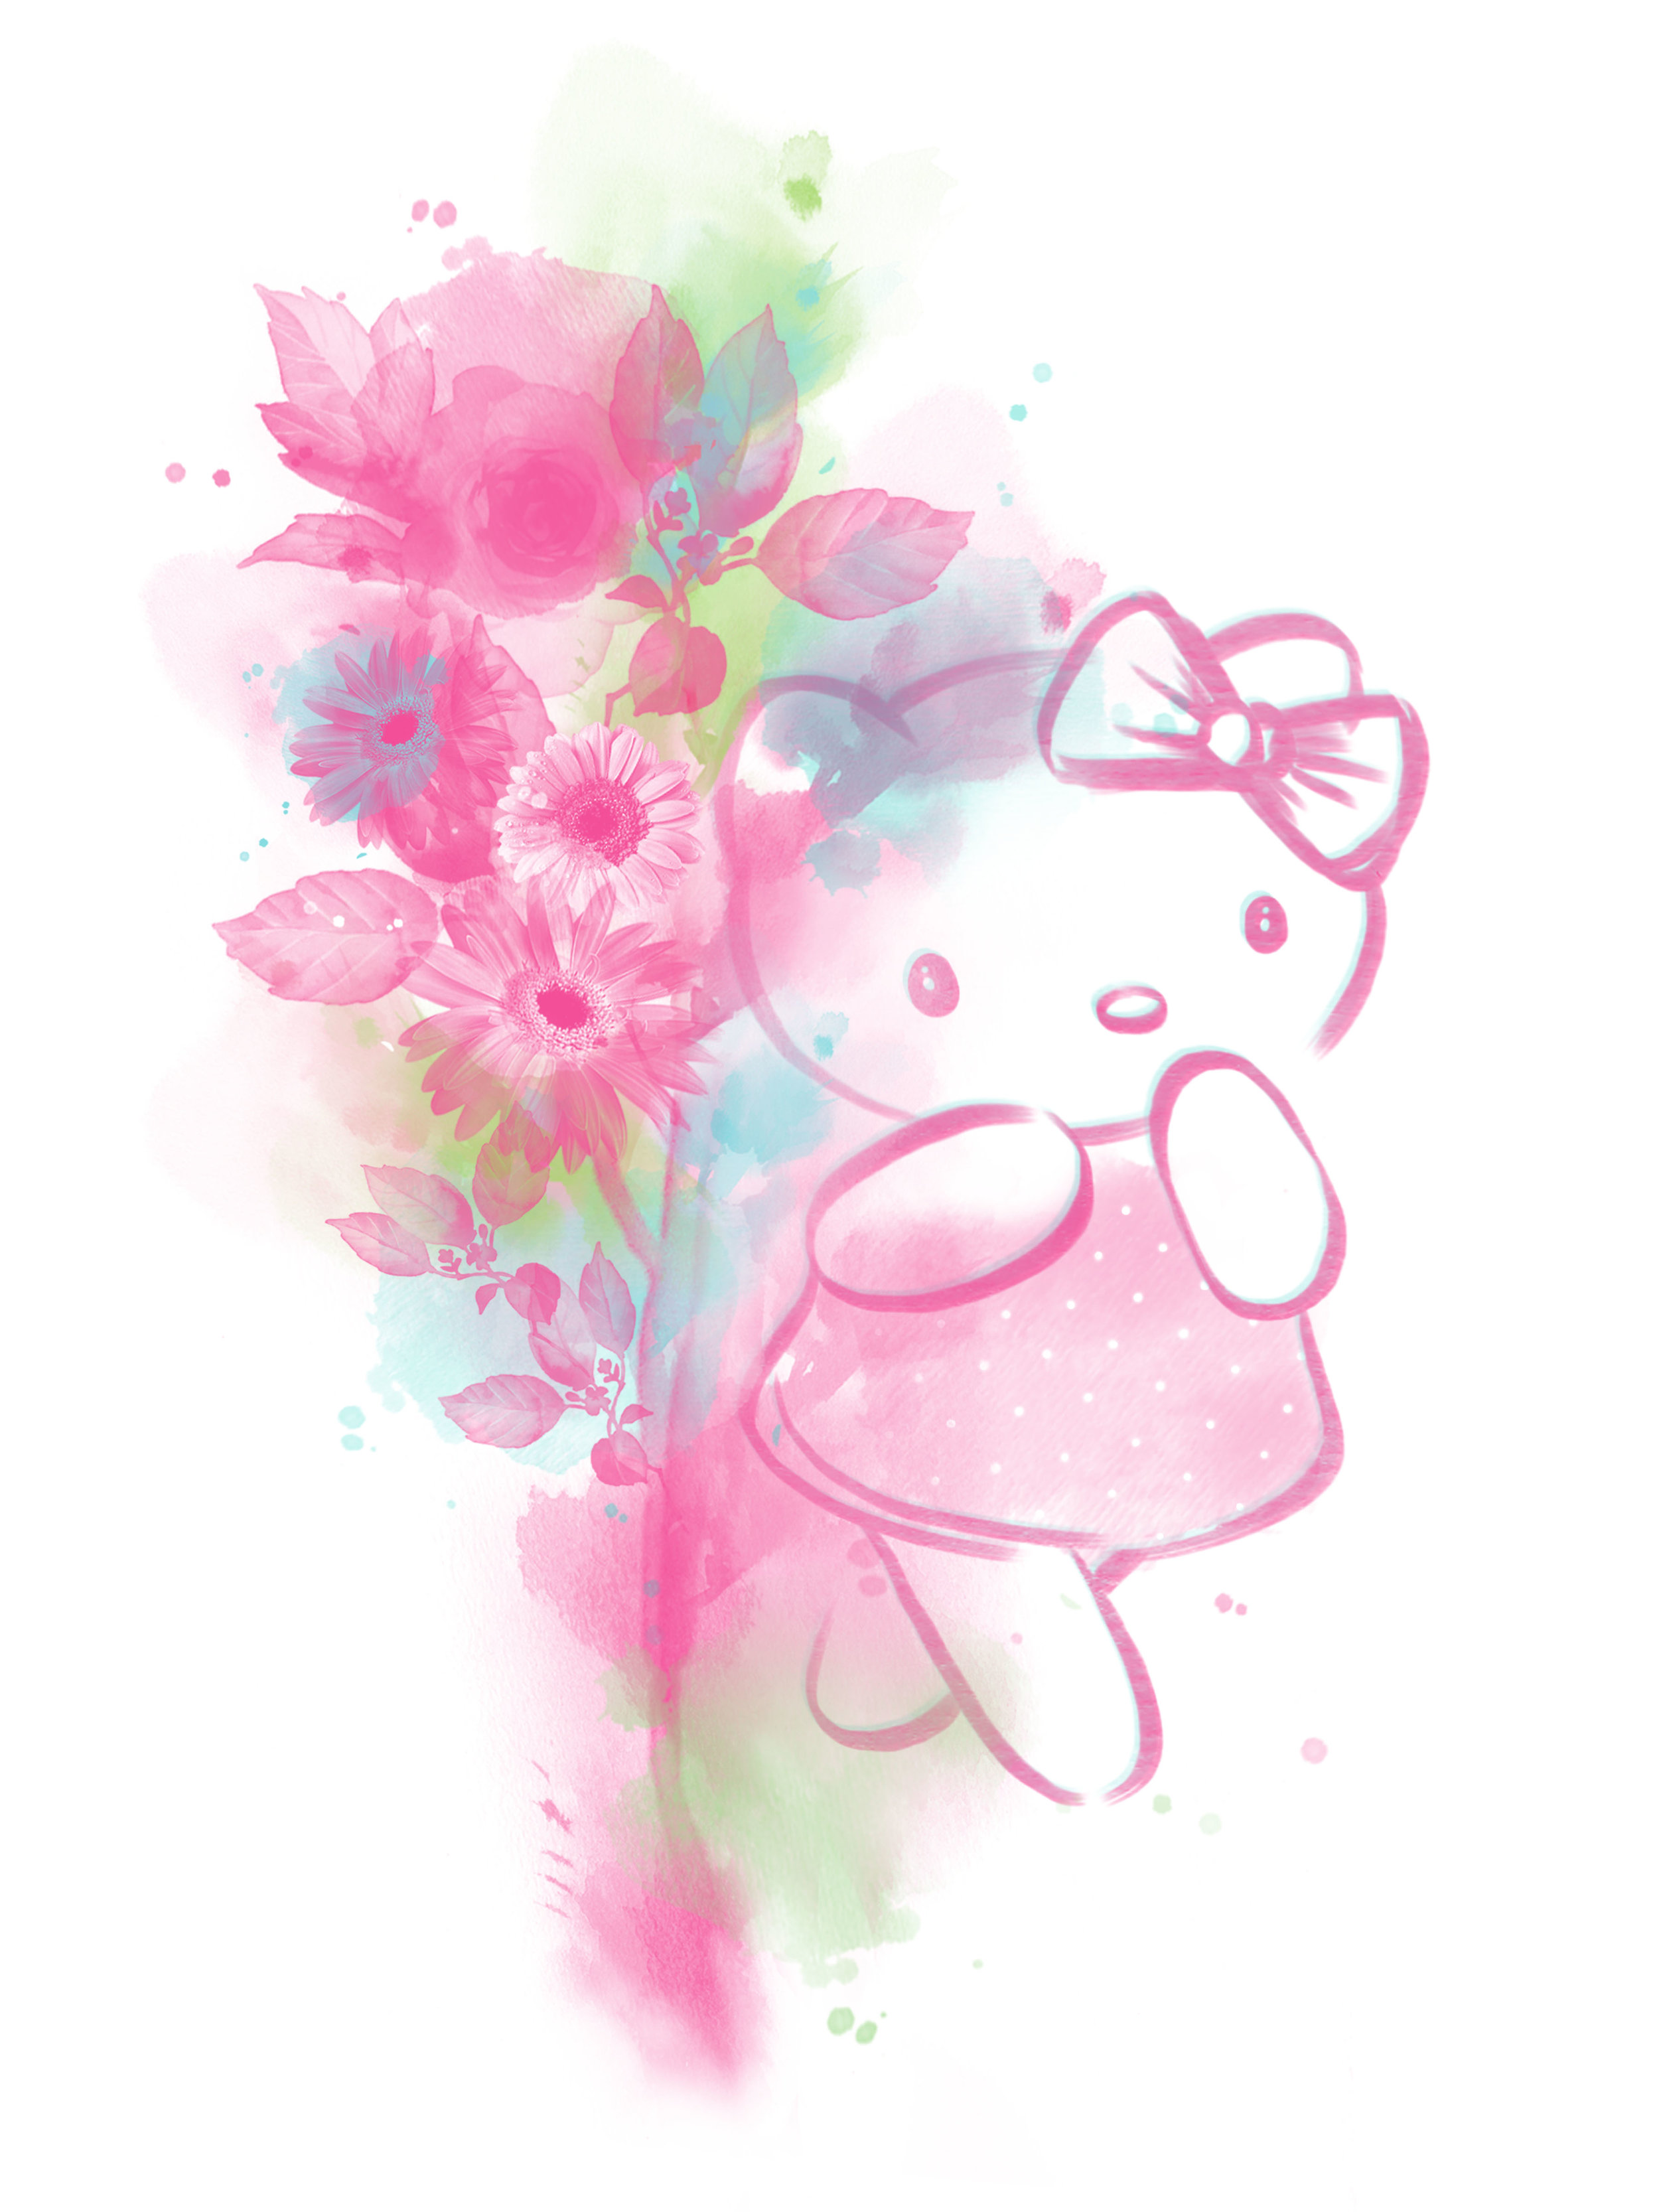 watrclr kitty2.jpg